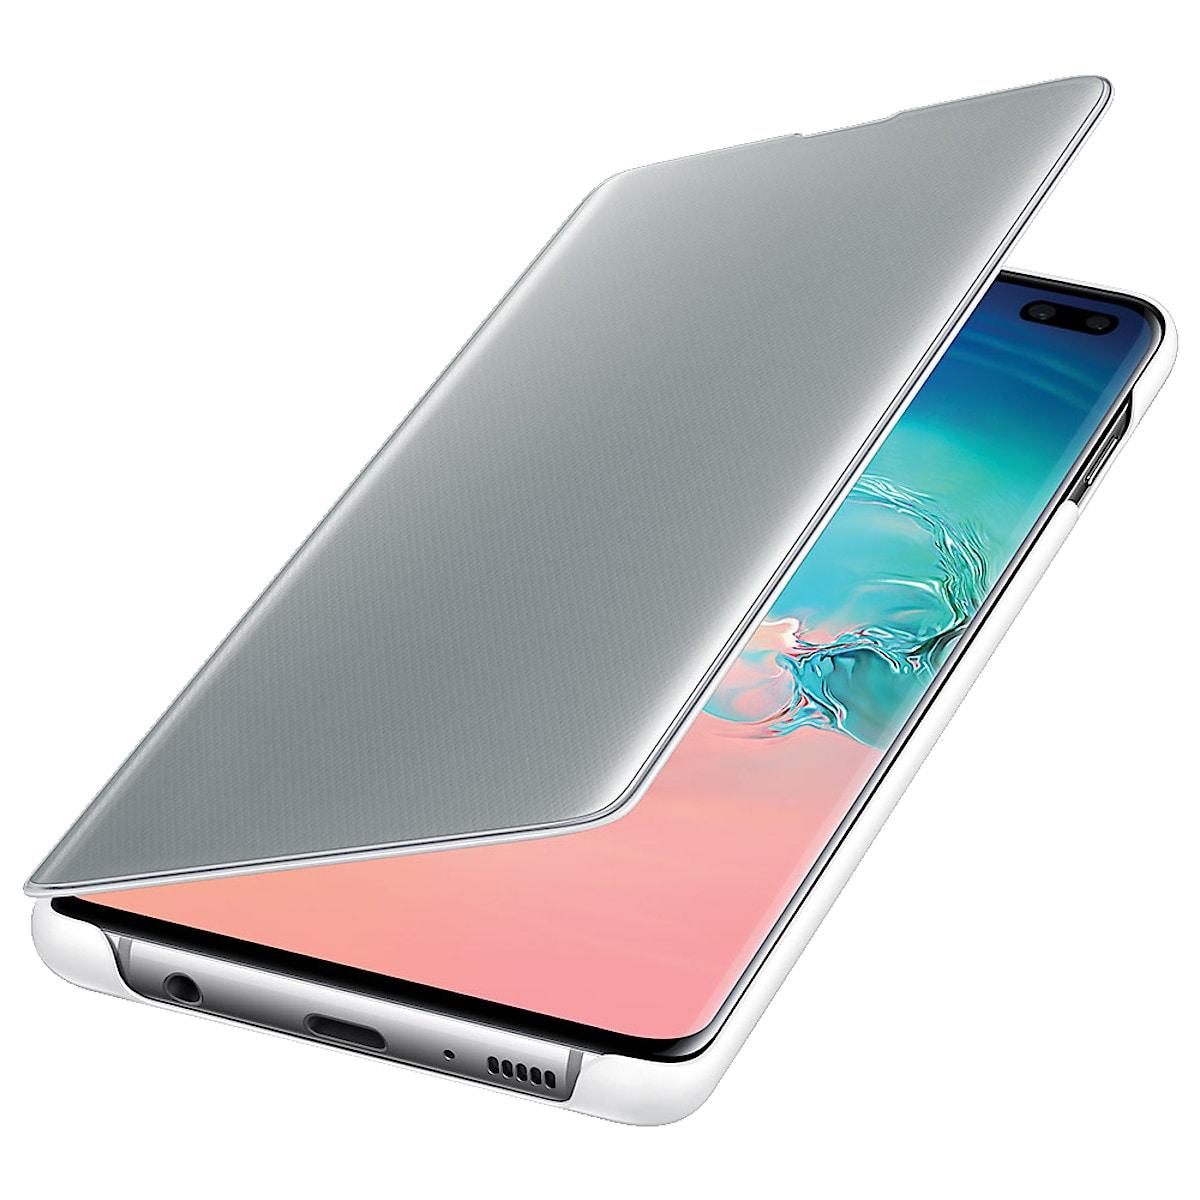 Flip-Case für Samsung Galaxy S10+, Samsung Clear View